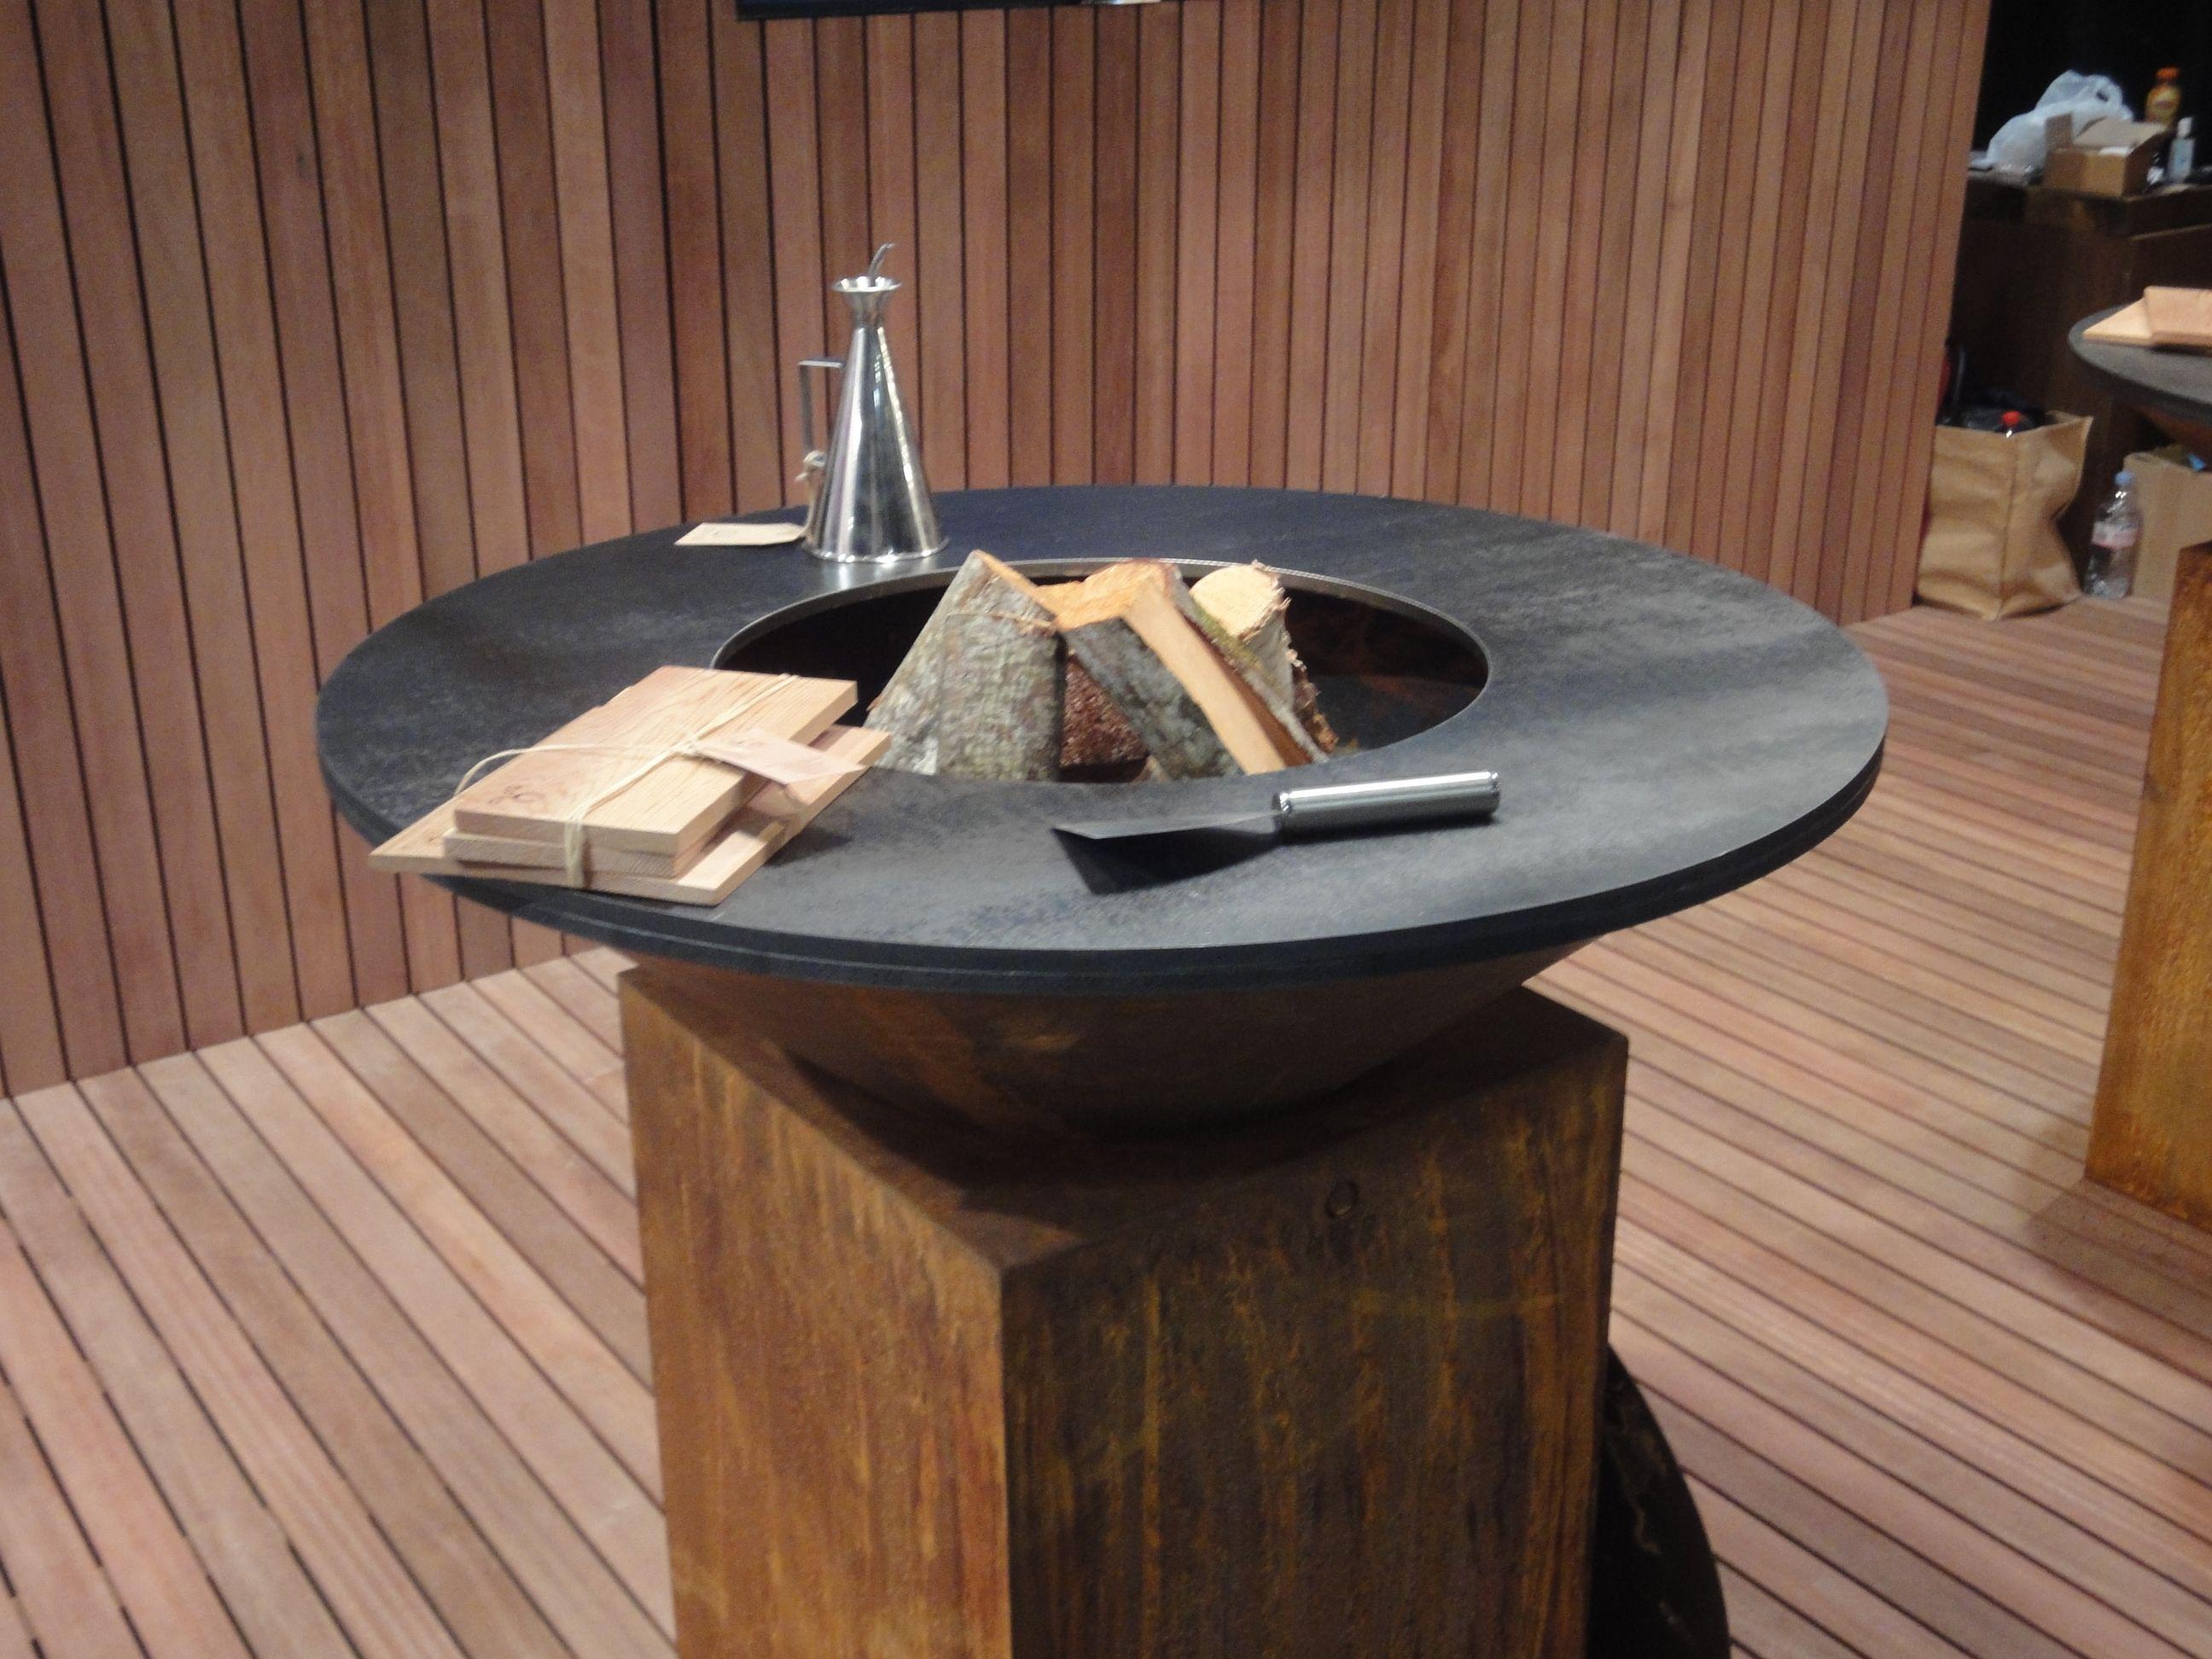 des pots et d co de demain archi jardins pinterest. Black Bedroom Furniture Sets. Home Design Ideas